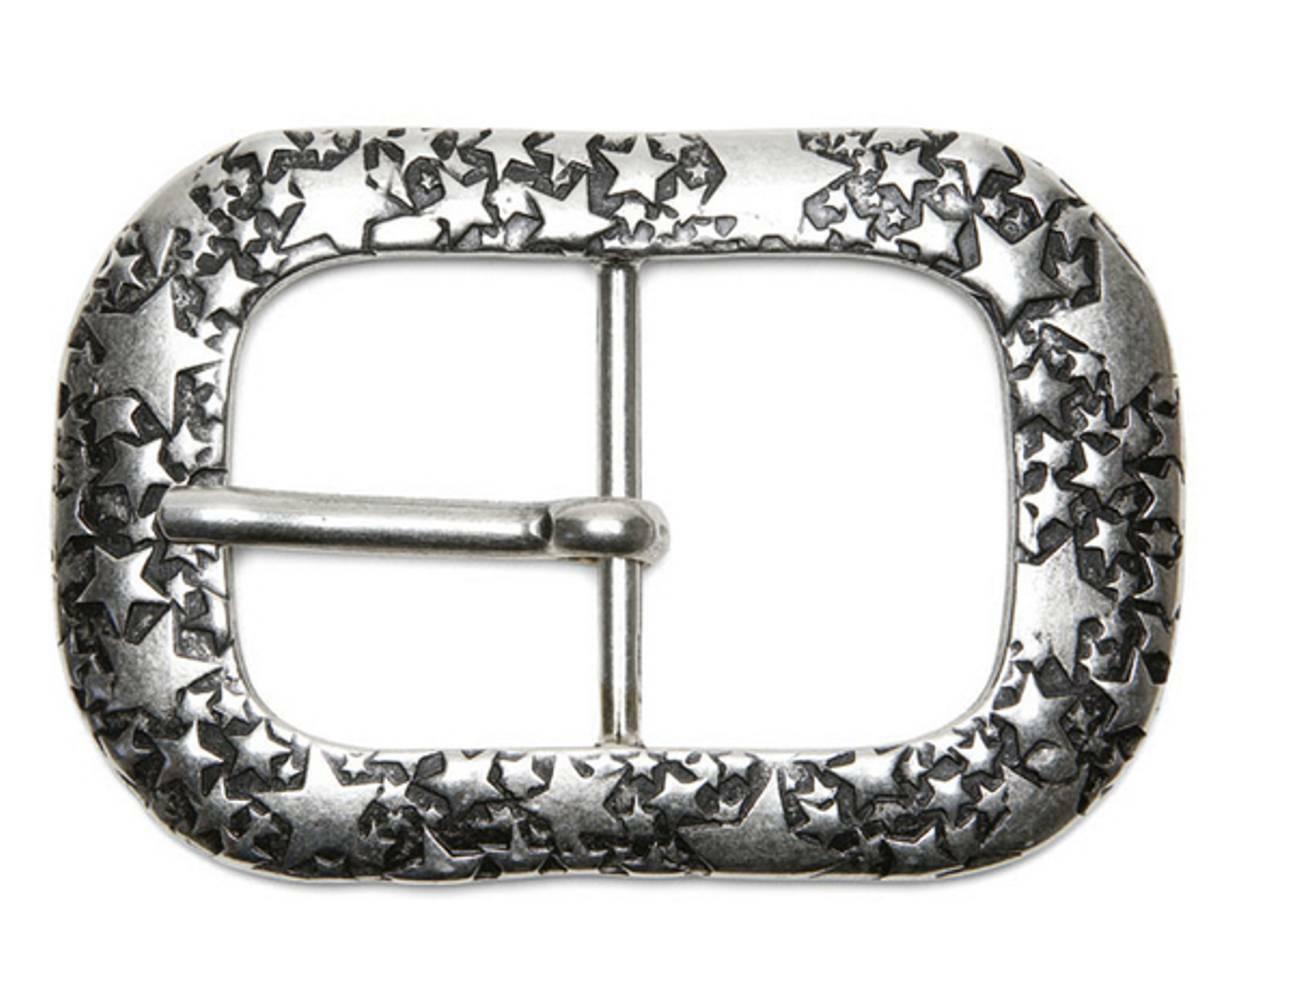 Dorn Wechsel Schließe Buckle Gürtel-Schnalle Vela Dornschließe für 4 cm Gürtel